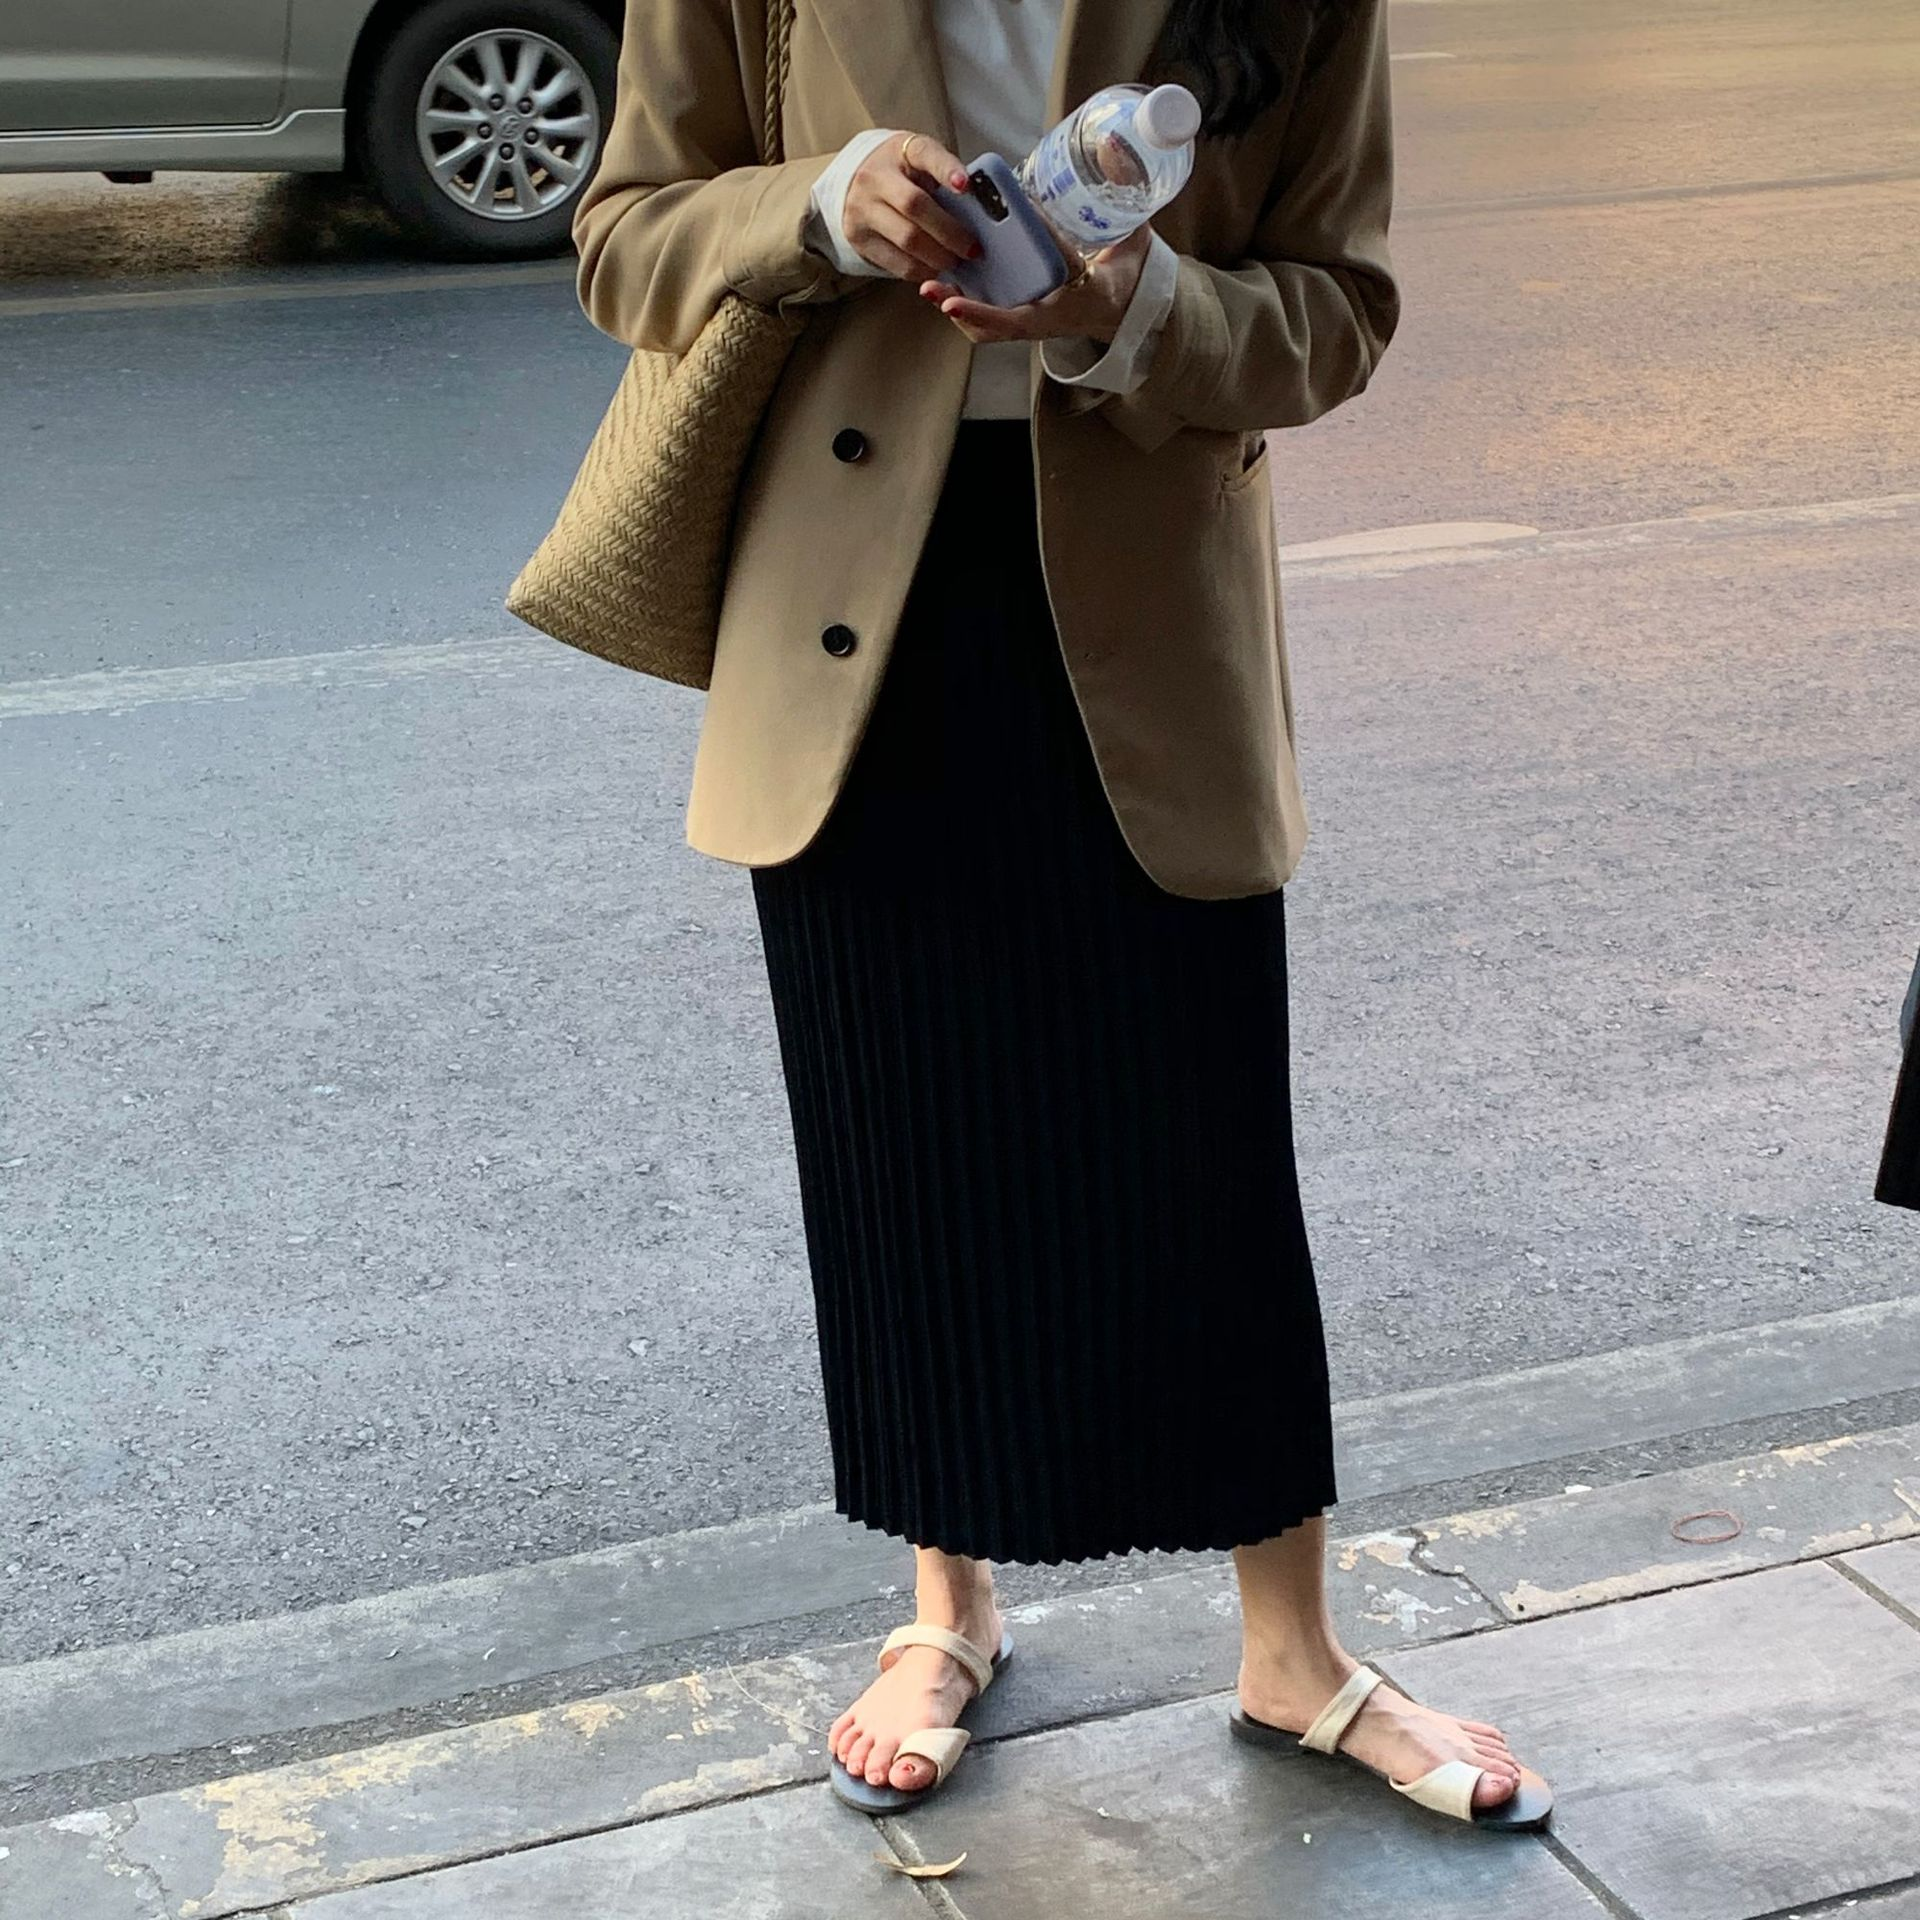 亲肤百褶针织半身裙2020春季质感长款高腰显瘦长裙法式高级感女装